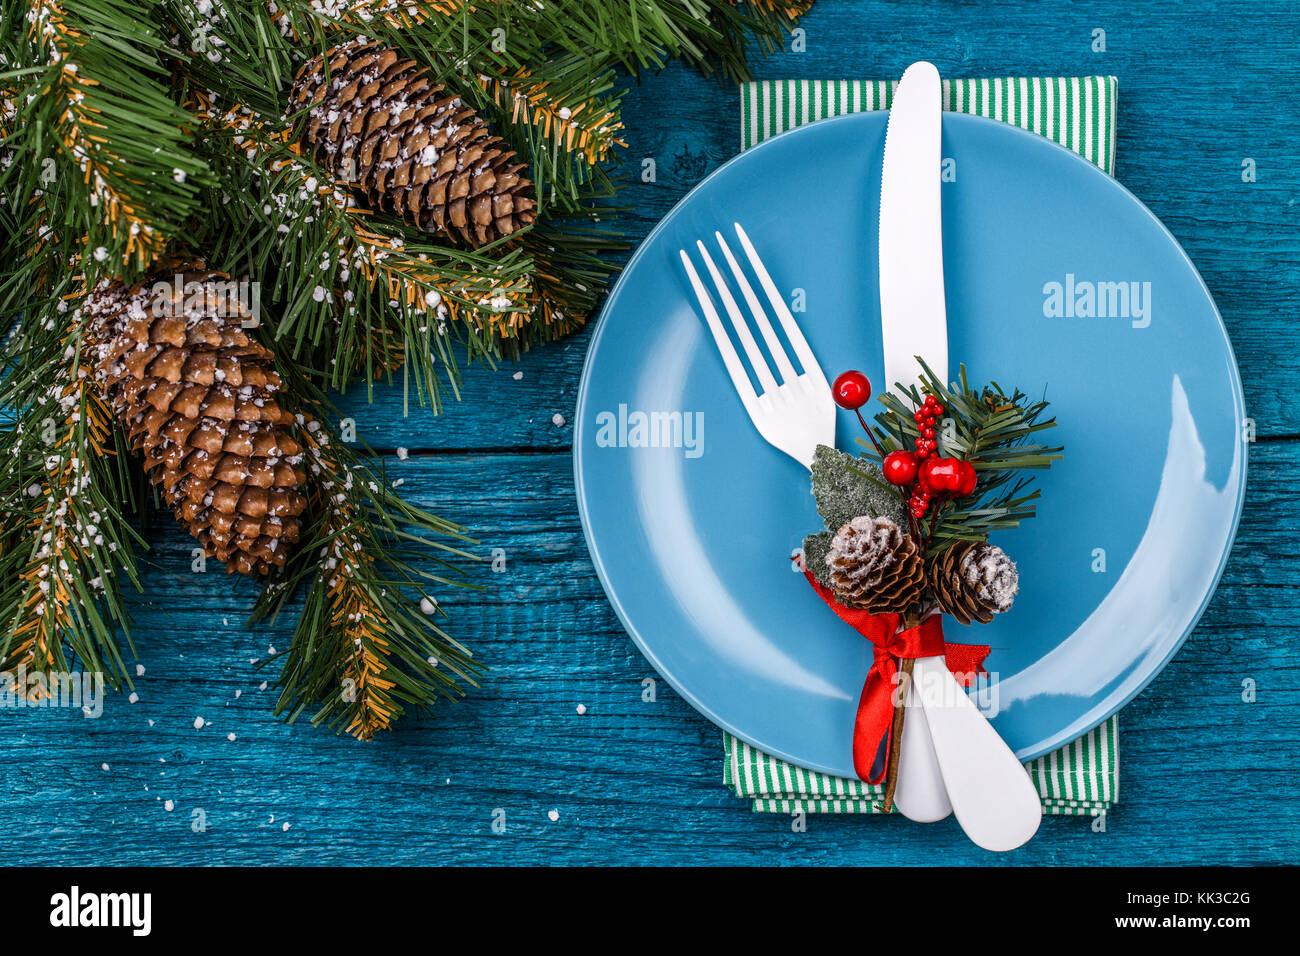 Tabla de Navidad place setting - tabla azul con verde servilleta, placa azul, blanco tenedor y cuchillo, decorado Imagen De Stock